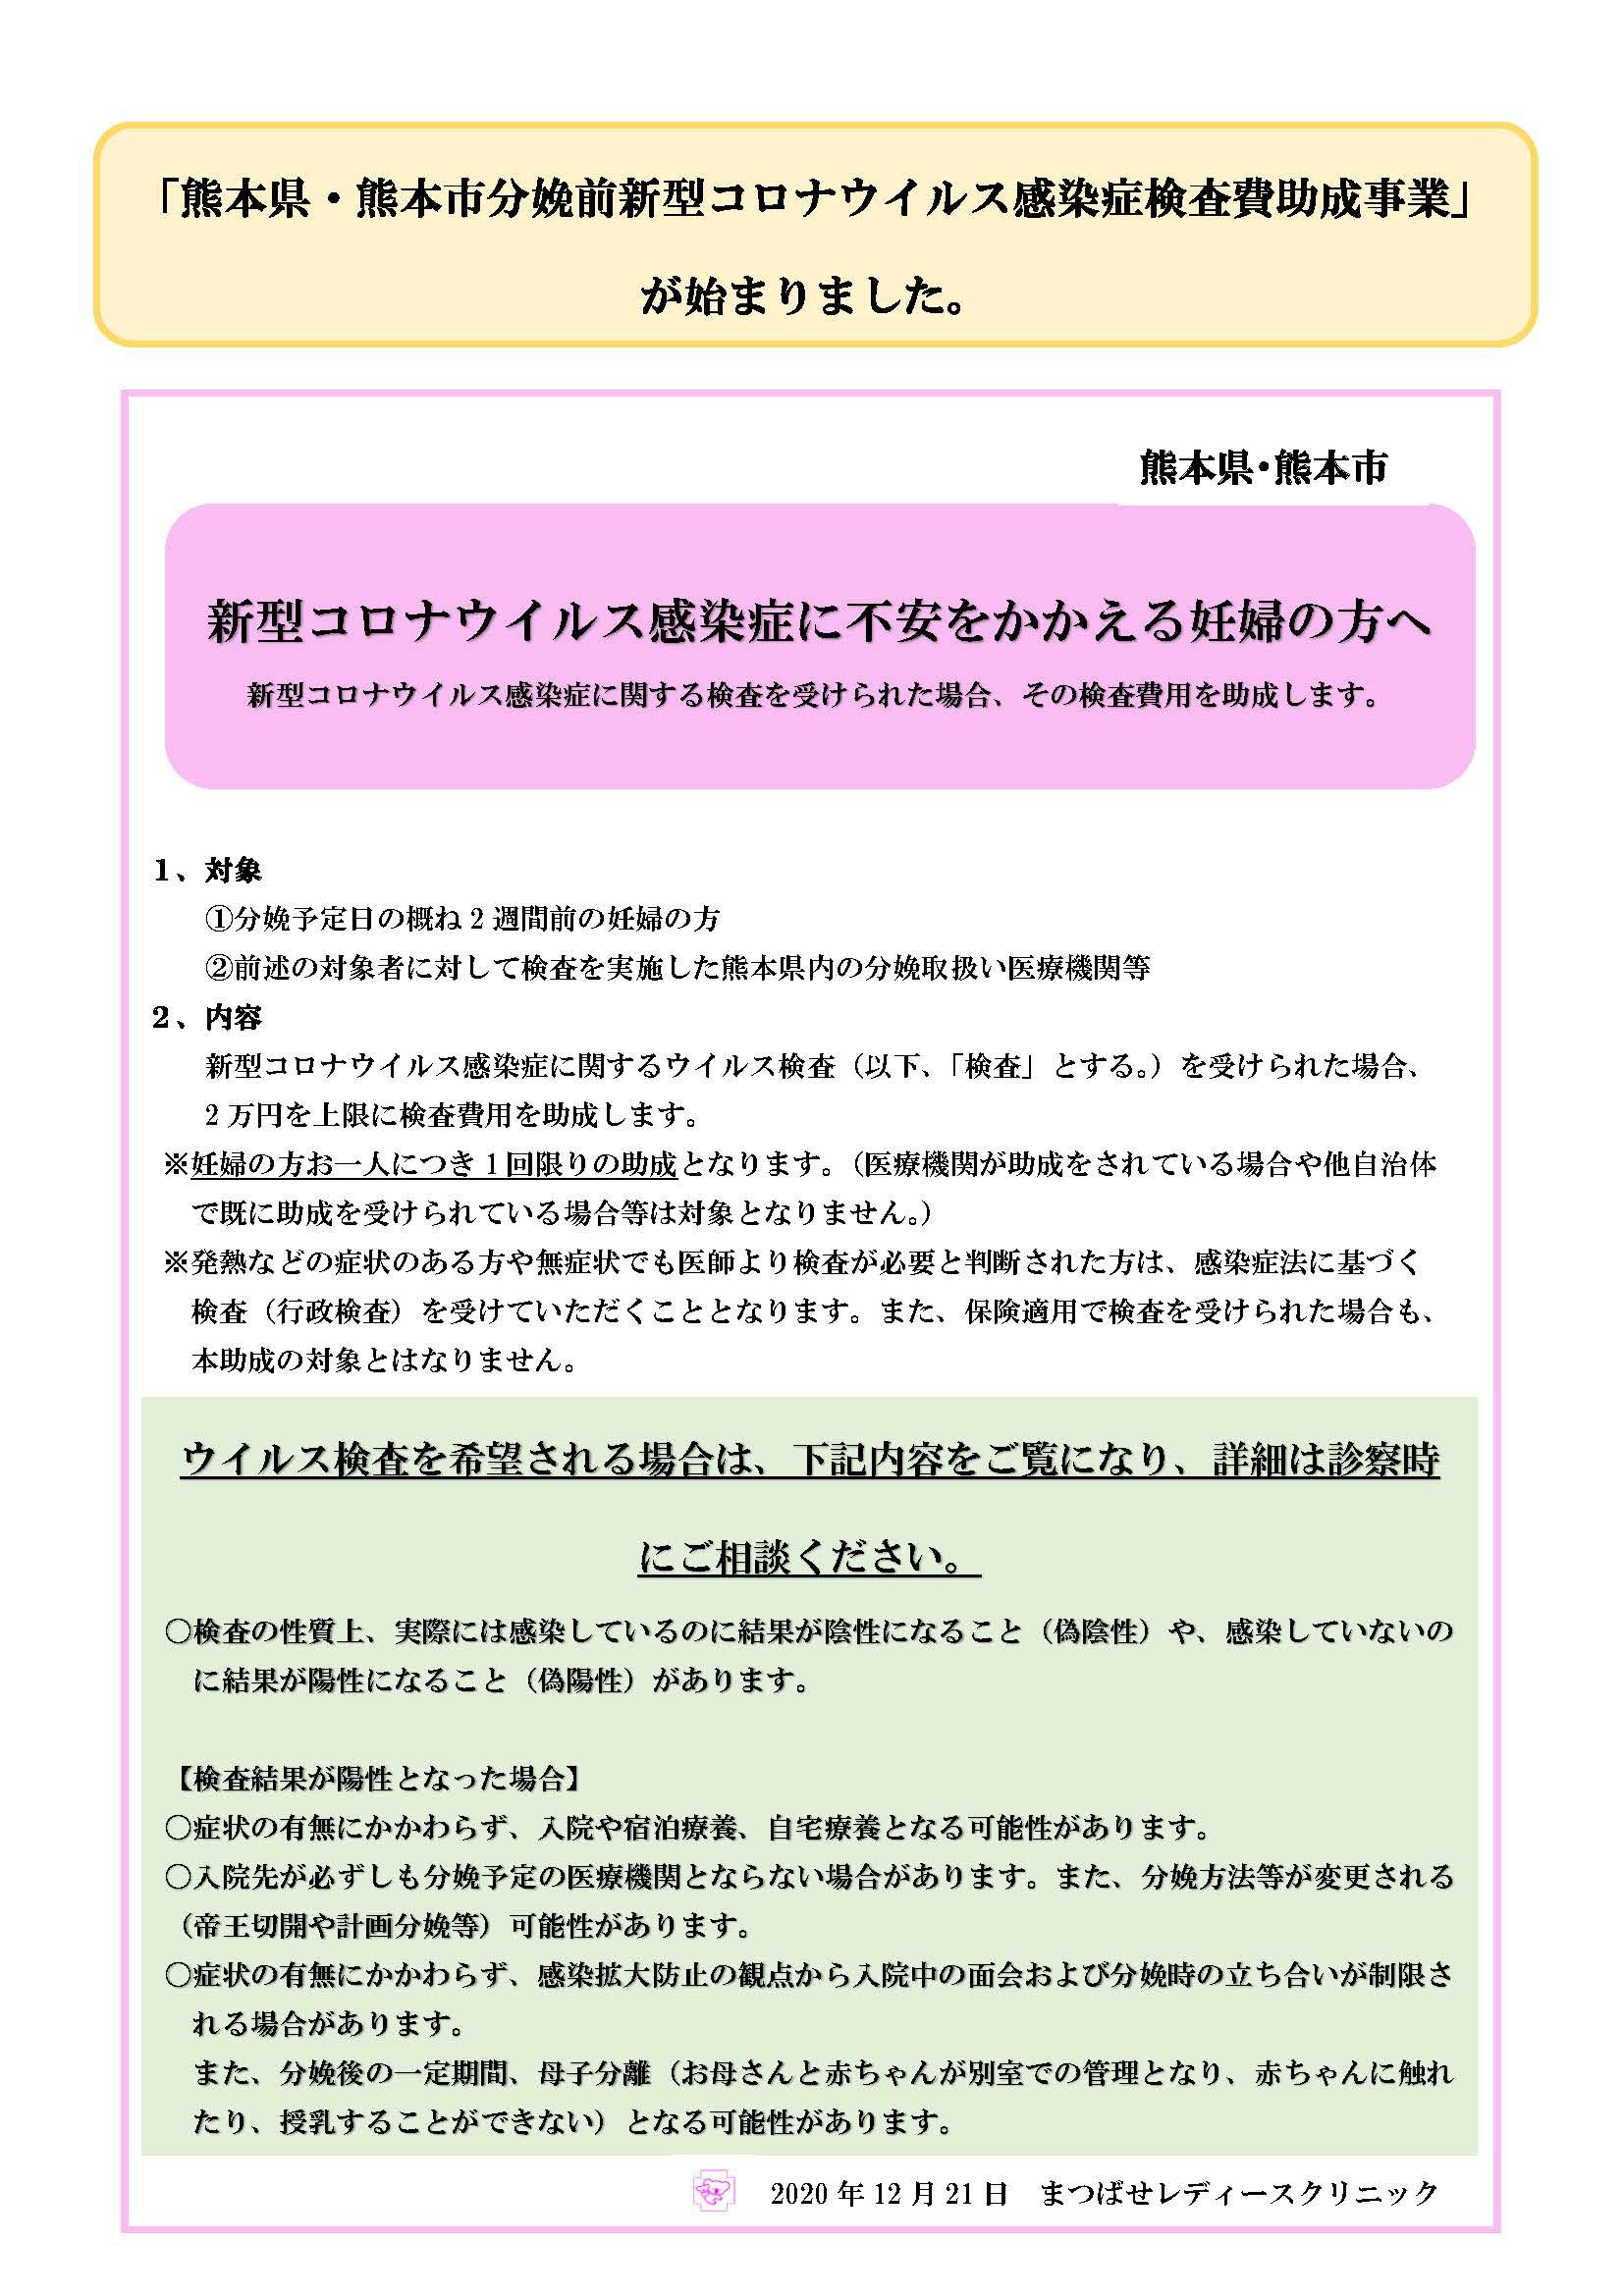 ウイルス 県 コロナ 熊本 熊本県(補助金・助成金・融資情報)